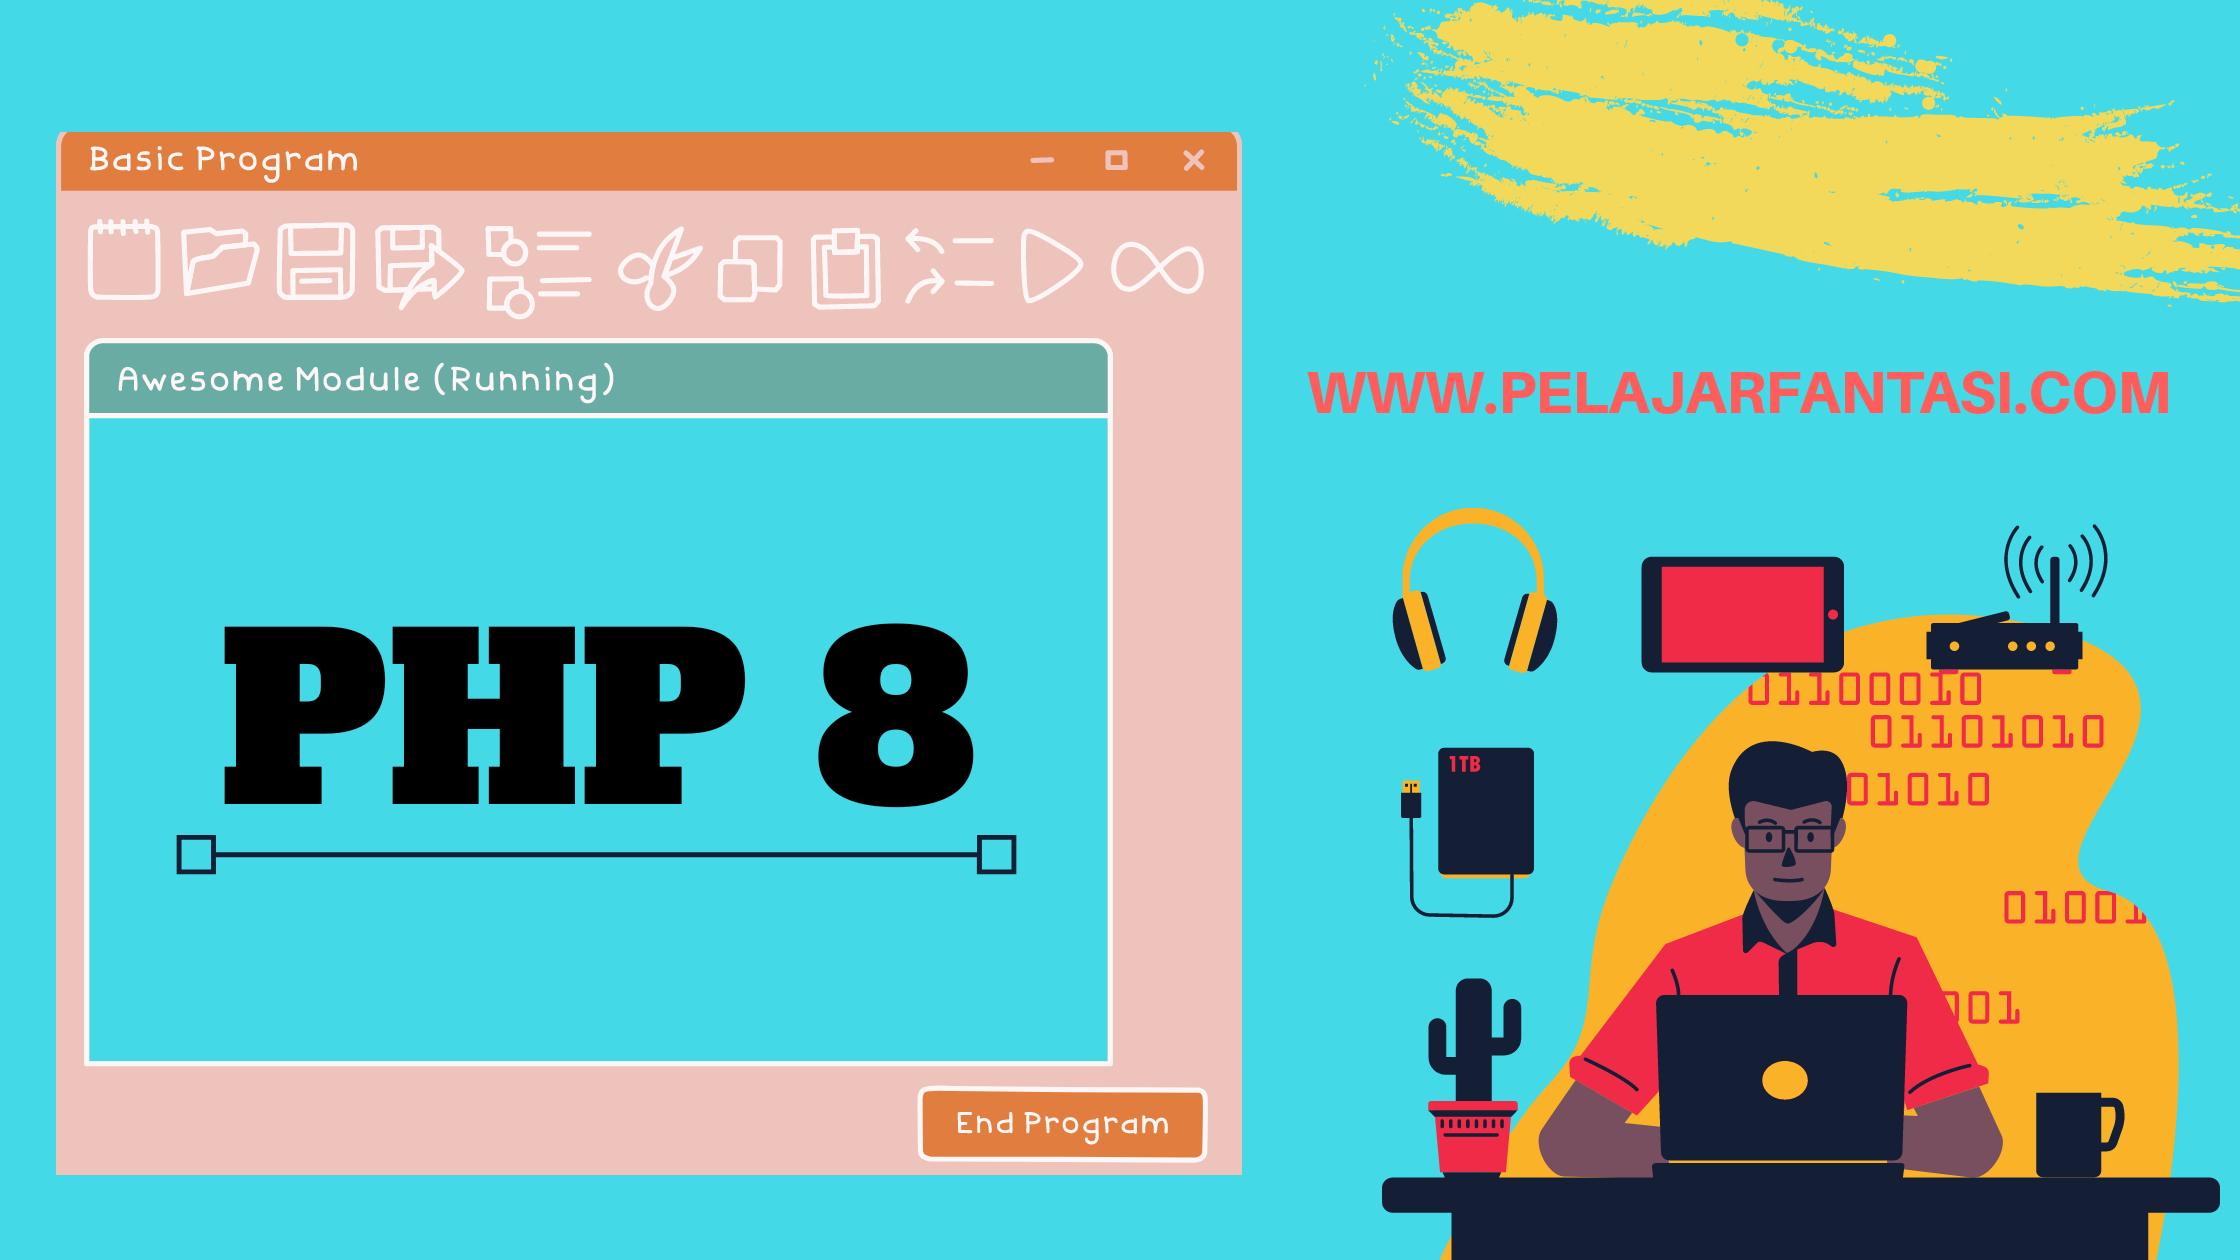 Kini PHP 8 Telah Hadir dan Kapan PHP 8 Resmi Dirilis?